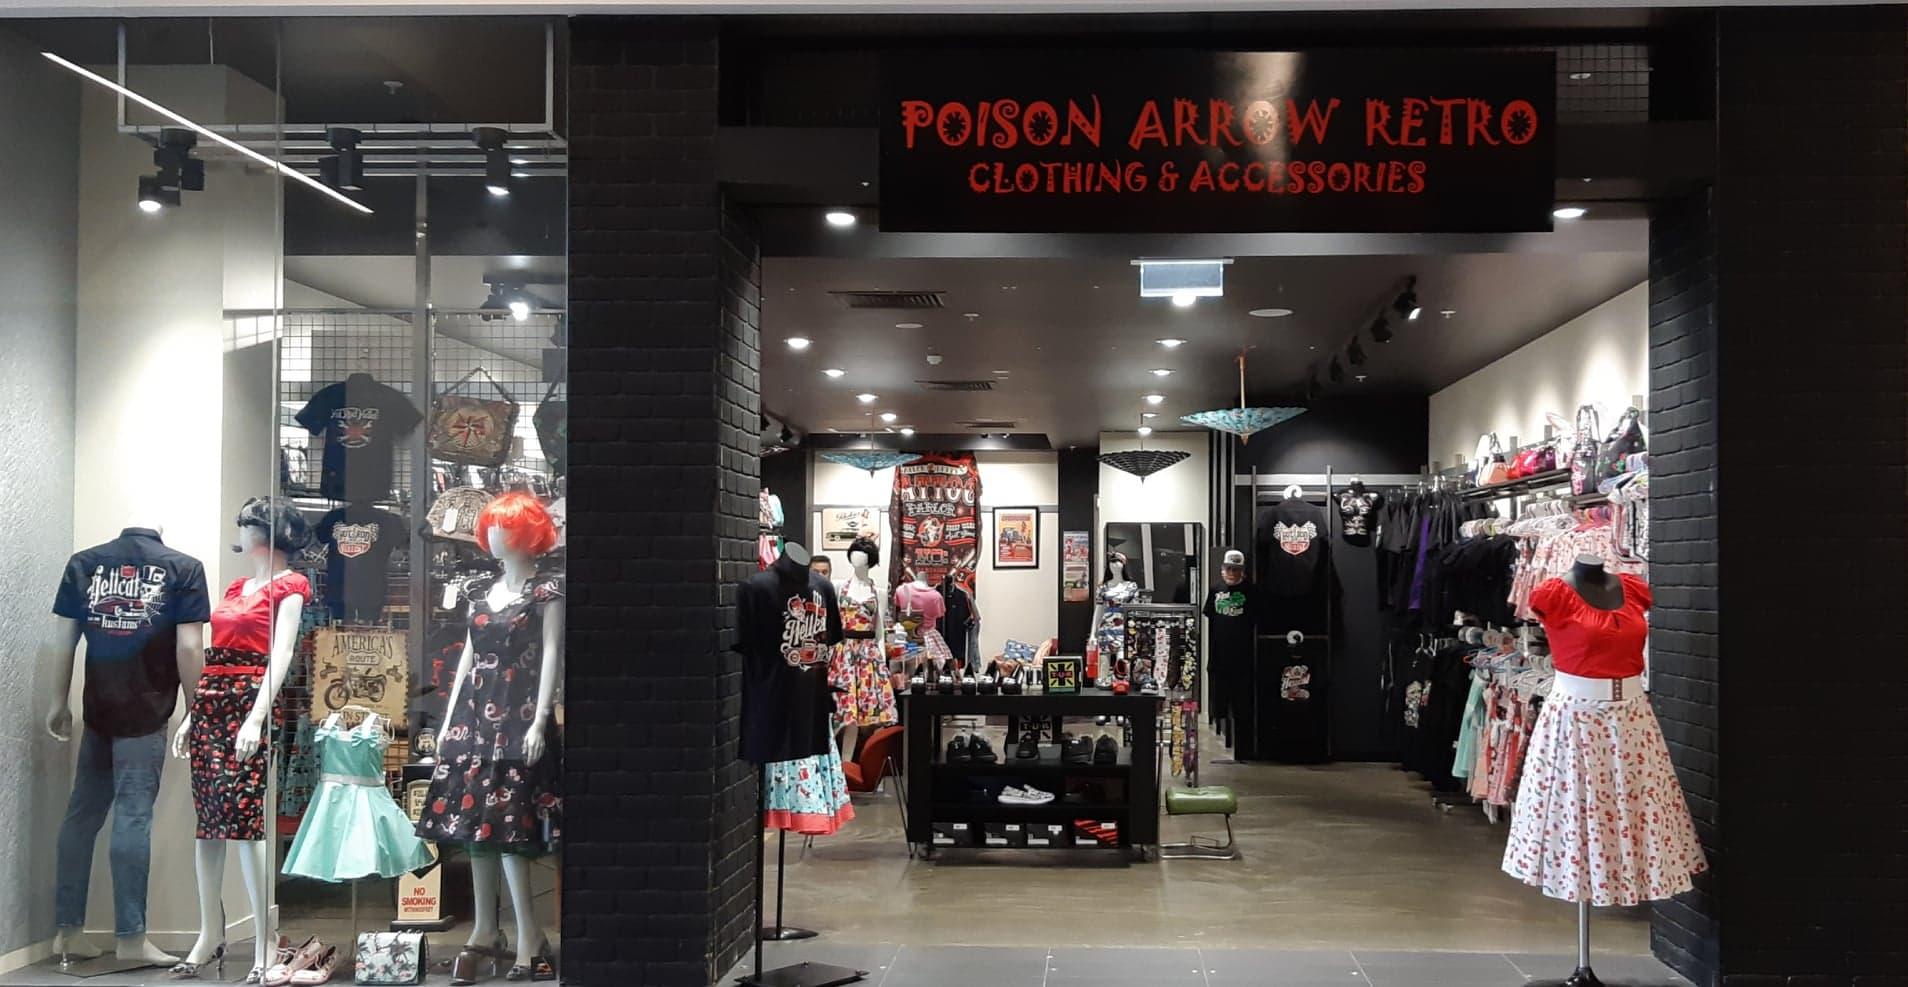 Poison Arrow Retro